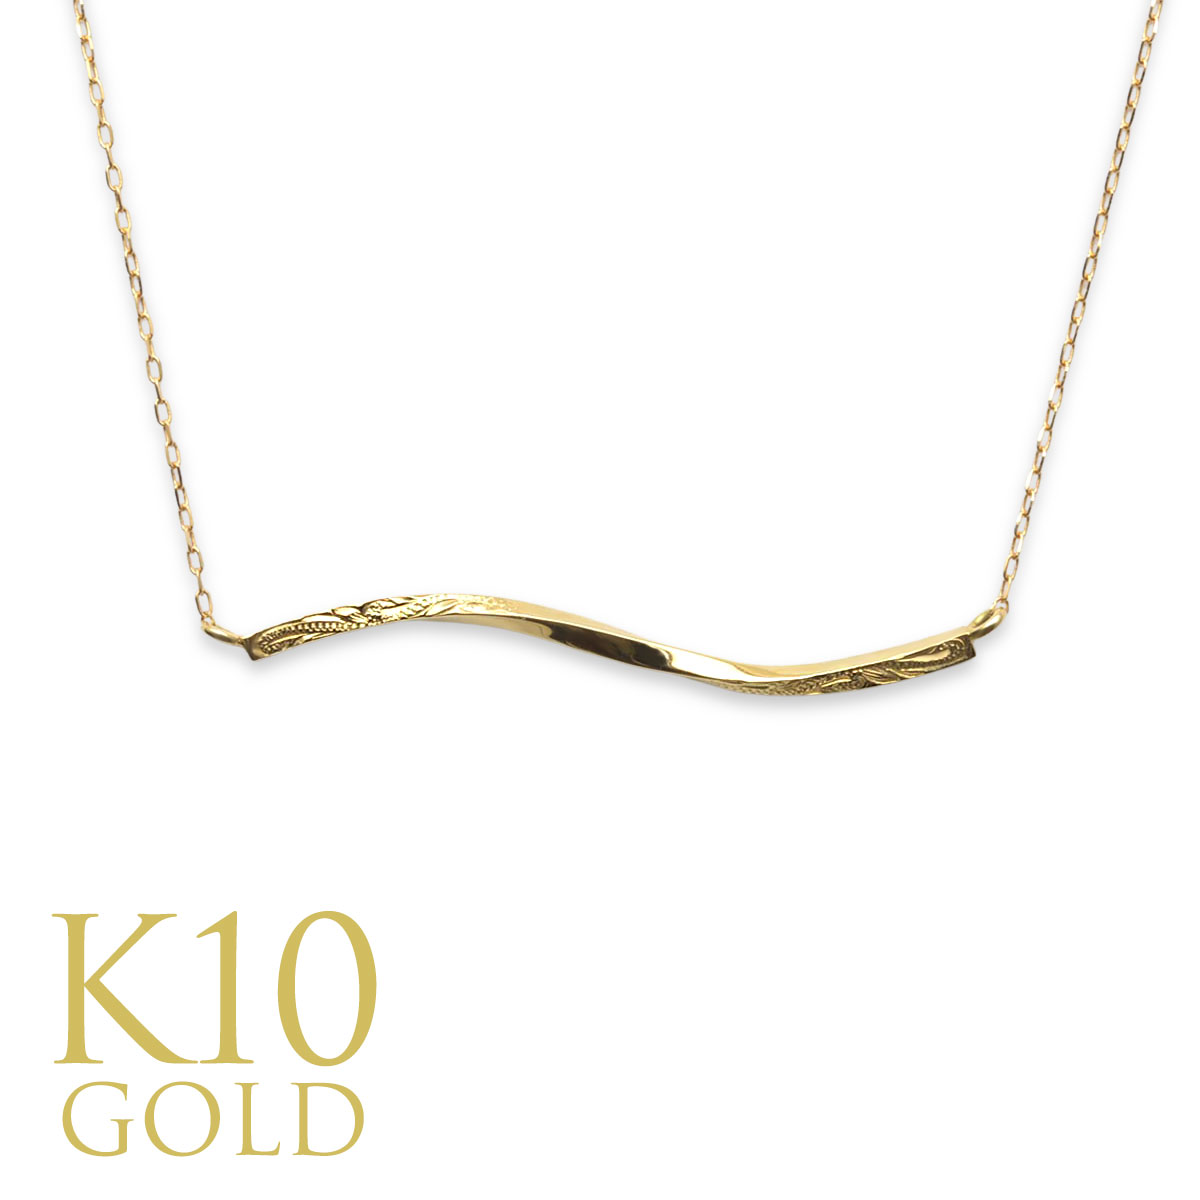 ハワイアンジュエリー ネックレス K10ゴールド 10金 カナニ ゴールド バーネックレス /新作 ane1630